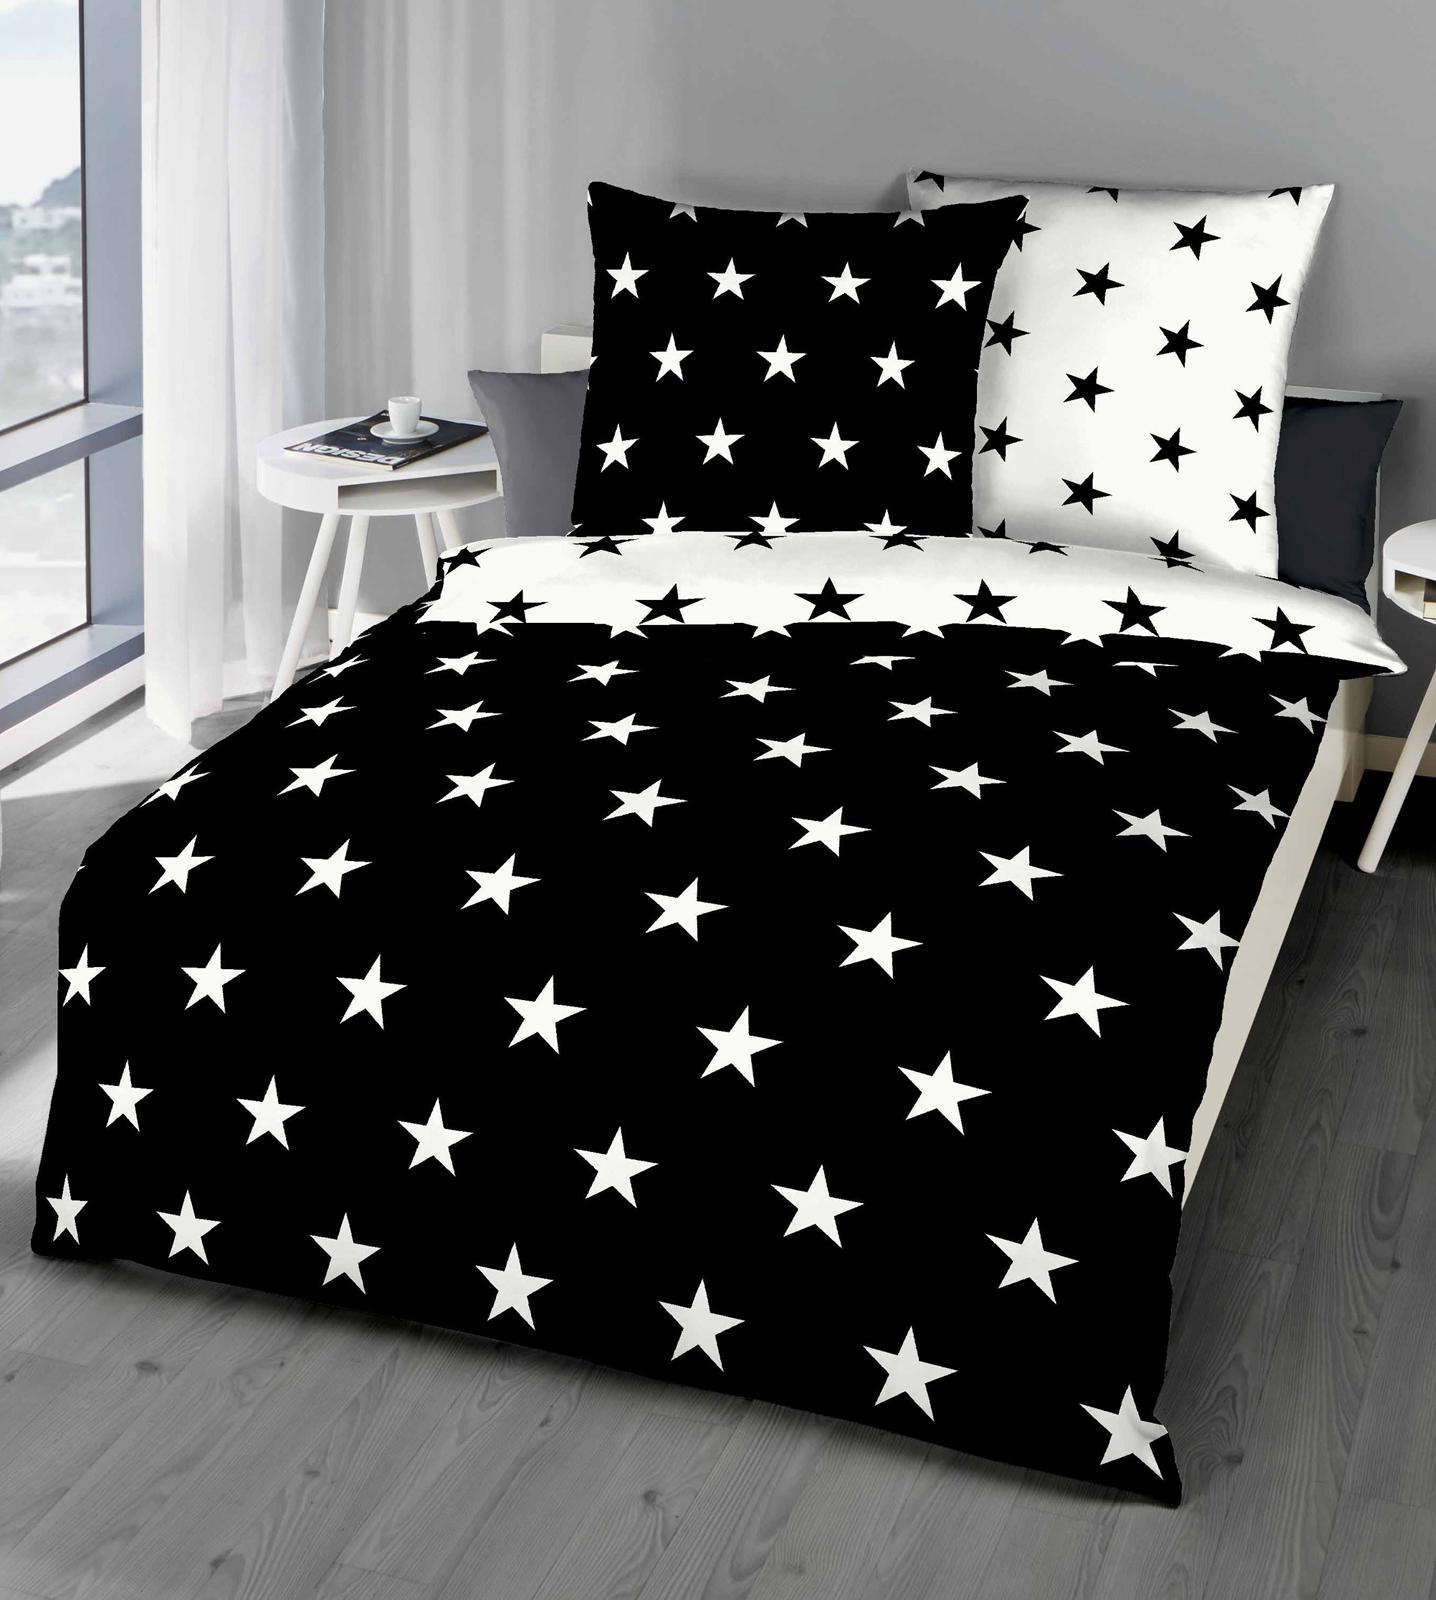 Bettwäsche - Kaeppel Mako Satin Bettwäsche Sterne 327 310 schwarz 135x200 80x80 Aufbewahrungsbeutel  - Onlineshop PremiumShop321